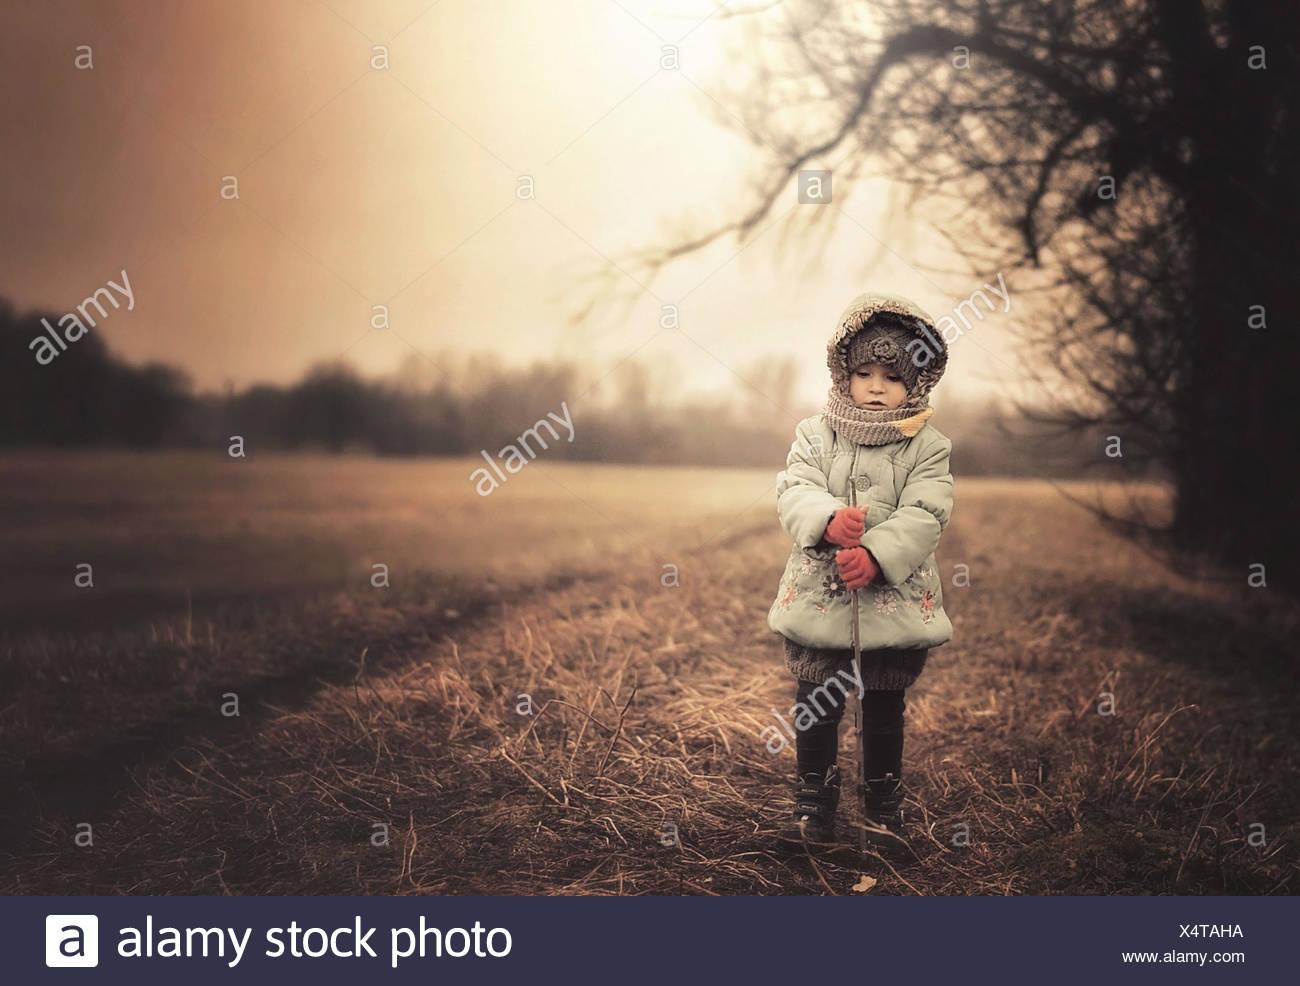 Polen, Mädchen tragen warme Kleidung auf Feld stehen Stockbild